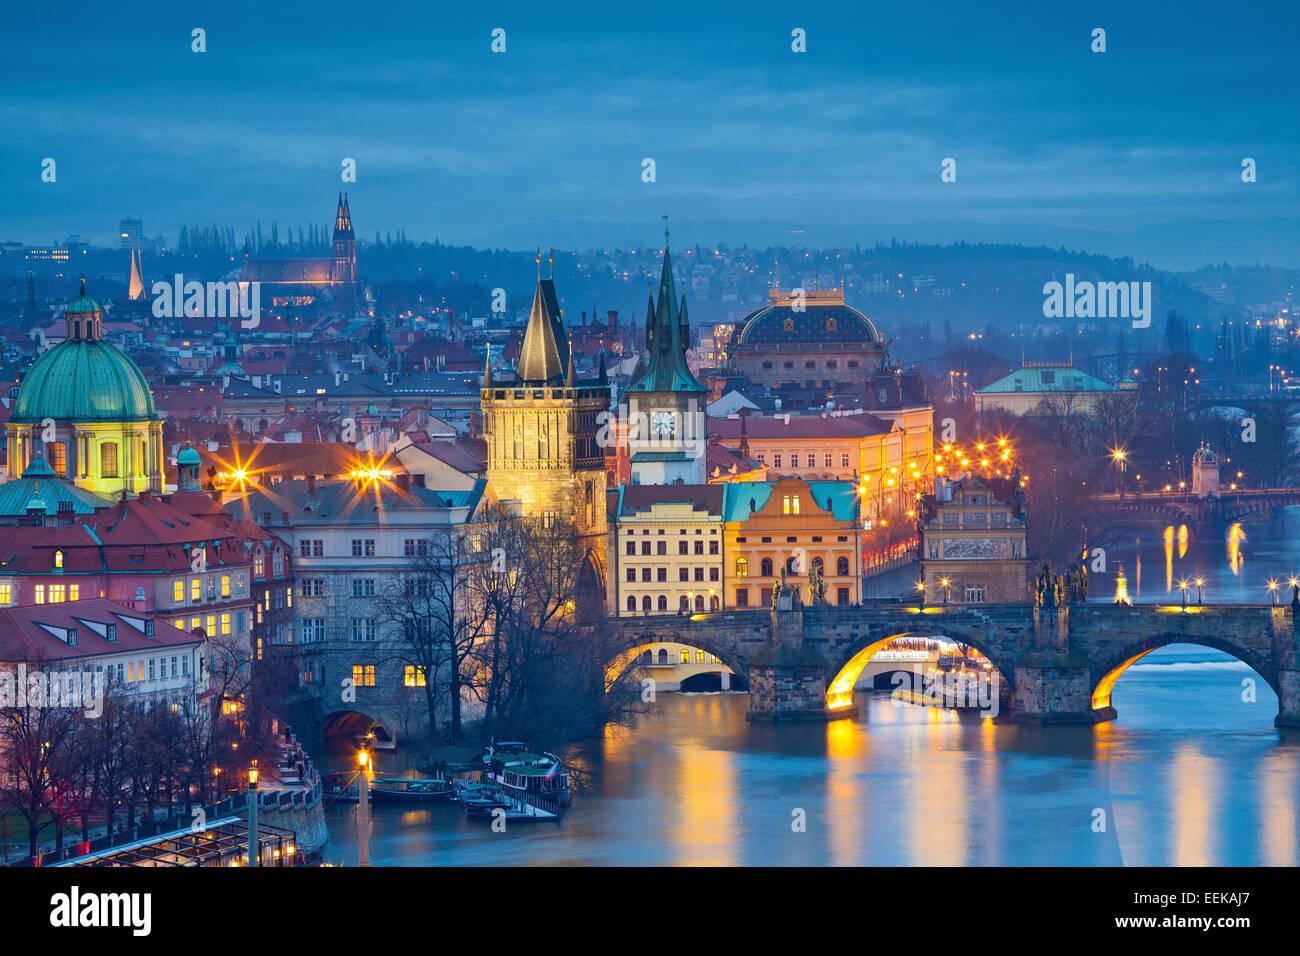 Praga. Immagine di Praga, capitale della Repubblica ceca e il Ponte di Carlo, durante il blu crepuscolo ora. Immagini Stock